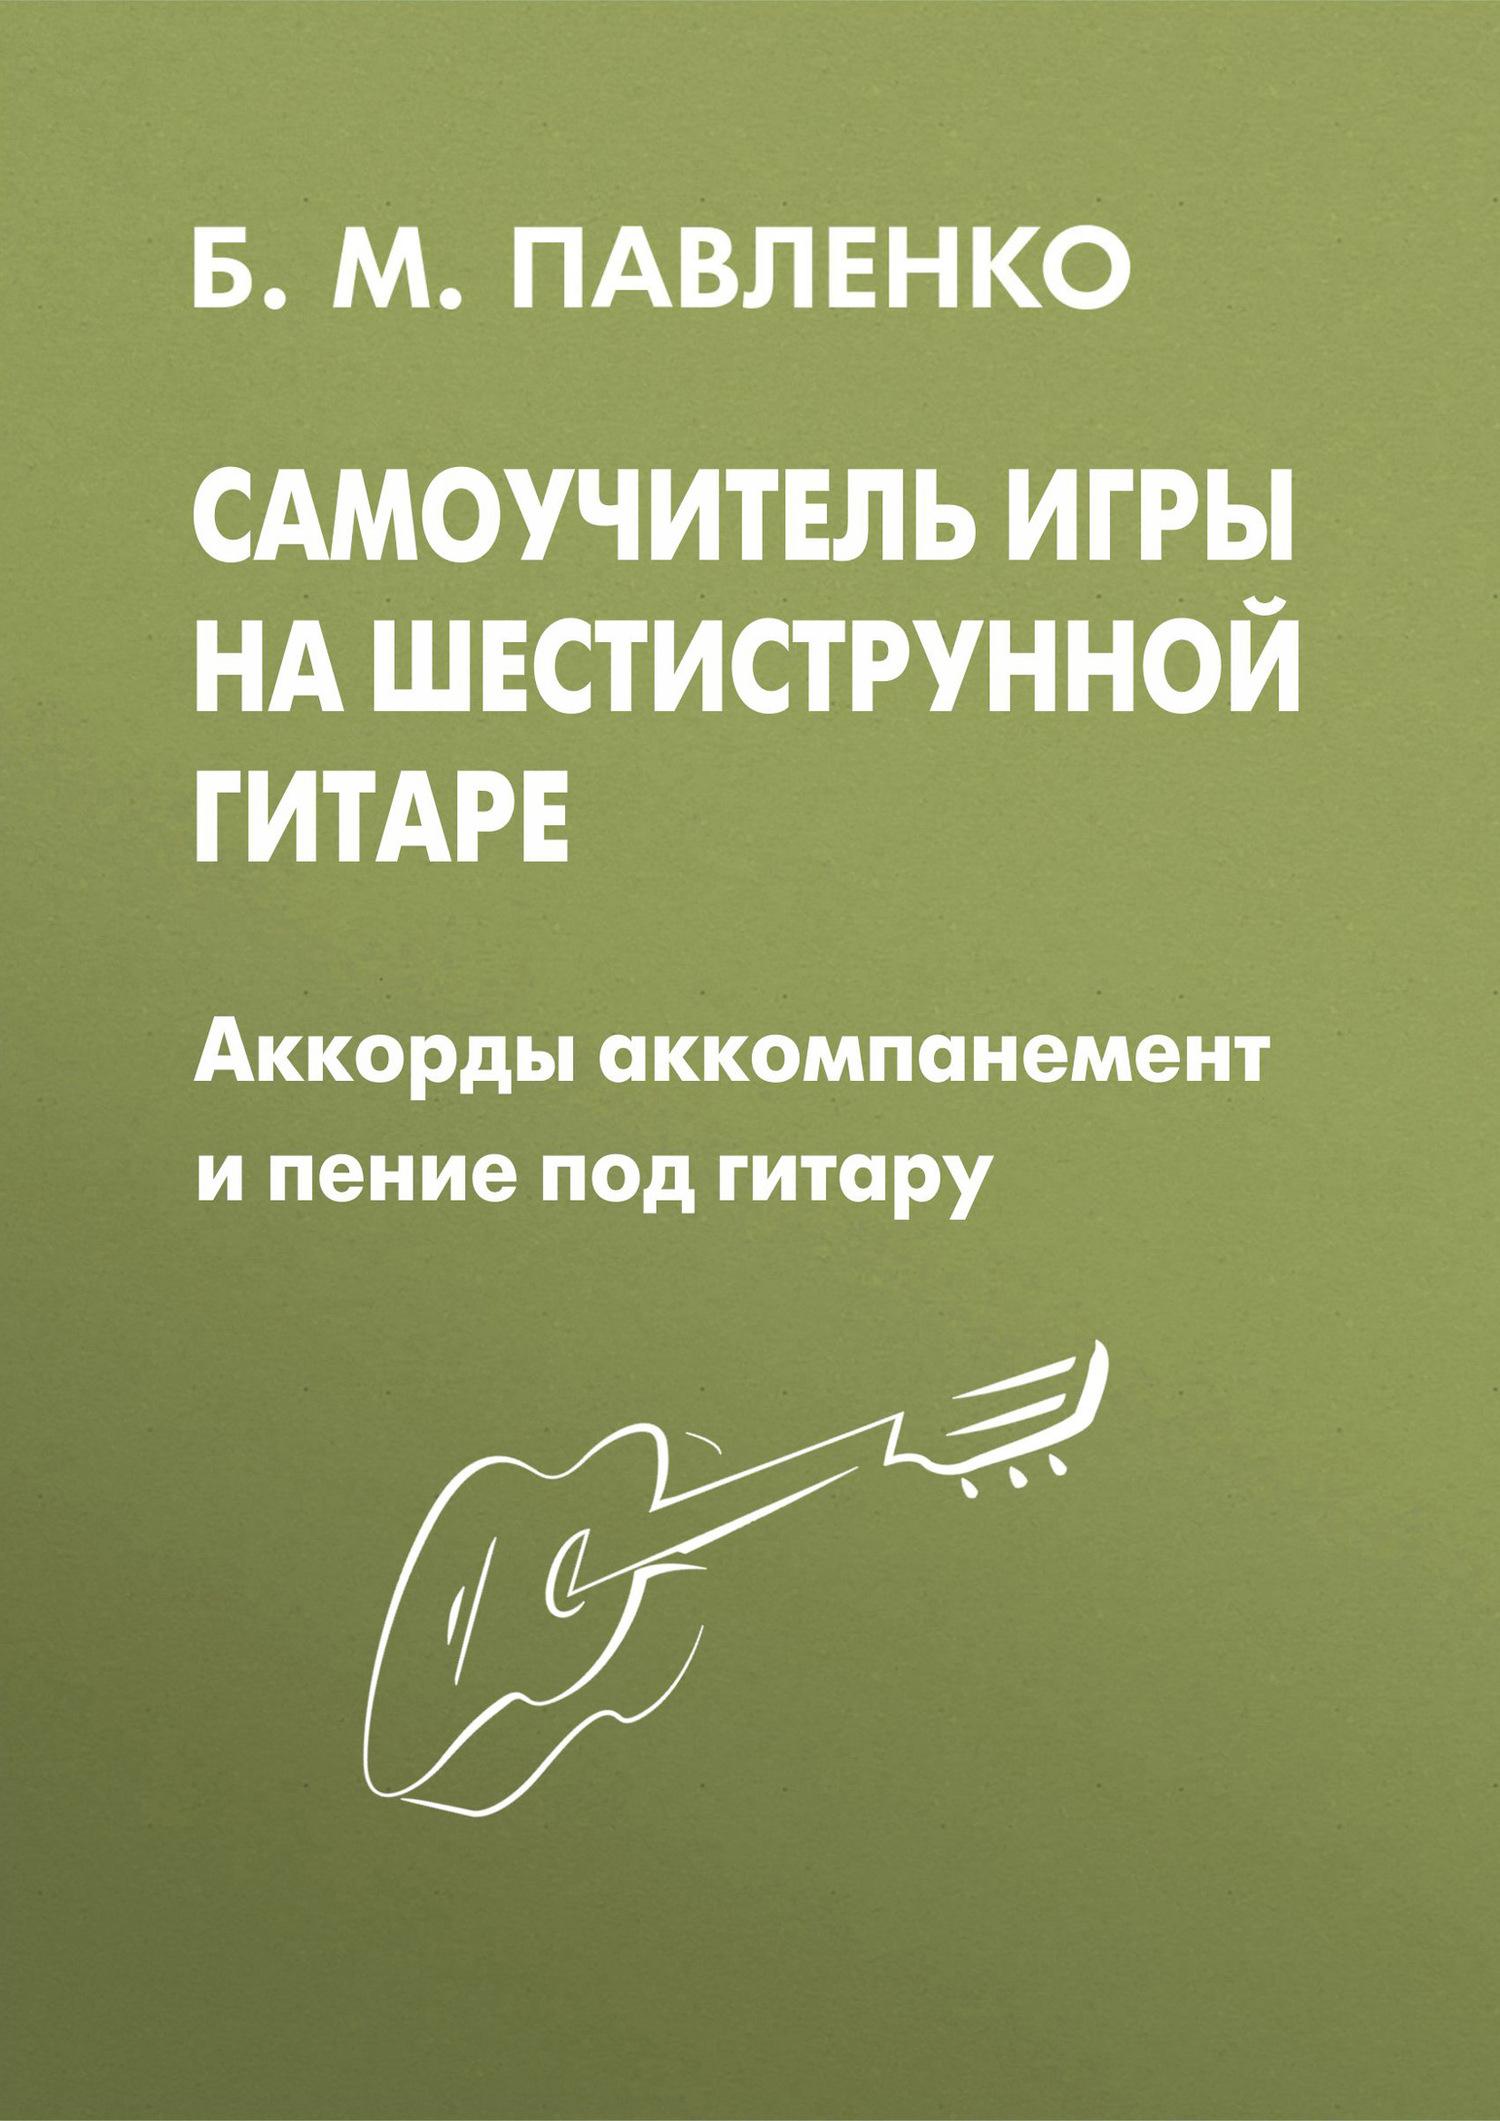 Б. М. Павленко Самоучитель игры на шестиструнной гитаре. Аккорды, аккомпанемент и пение под гитару популярные песни из кинофильмов под гитару